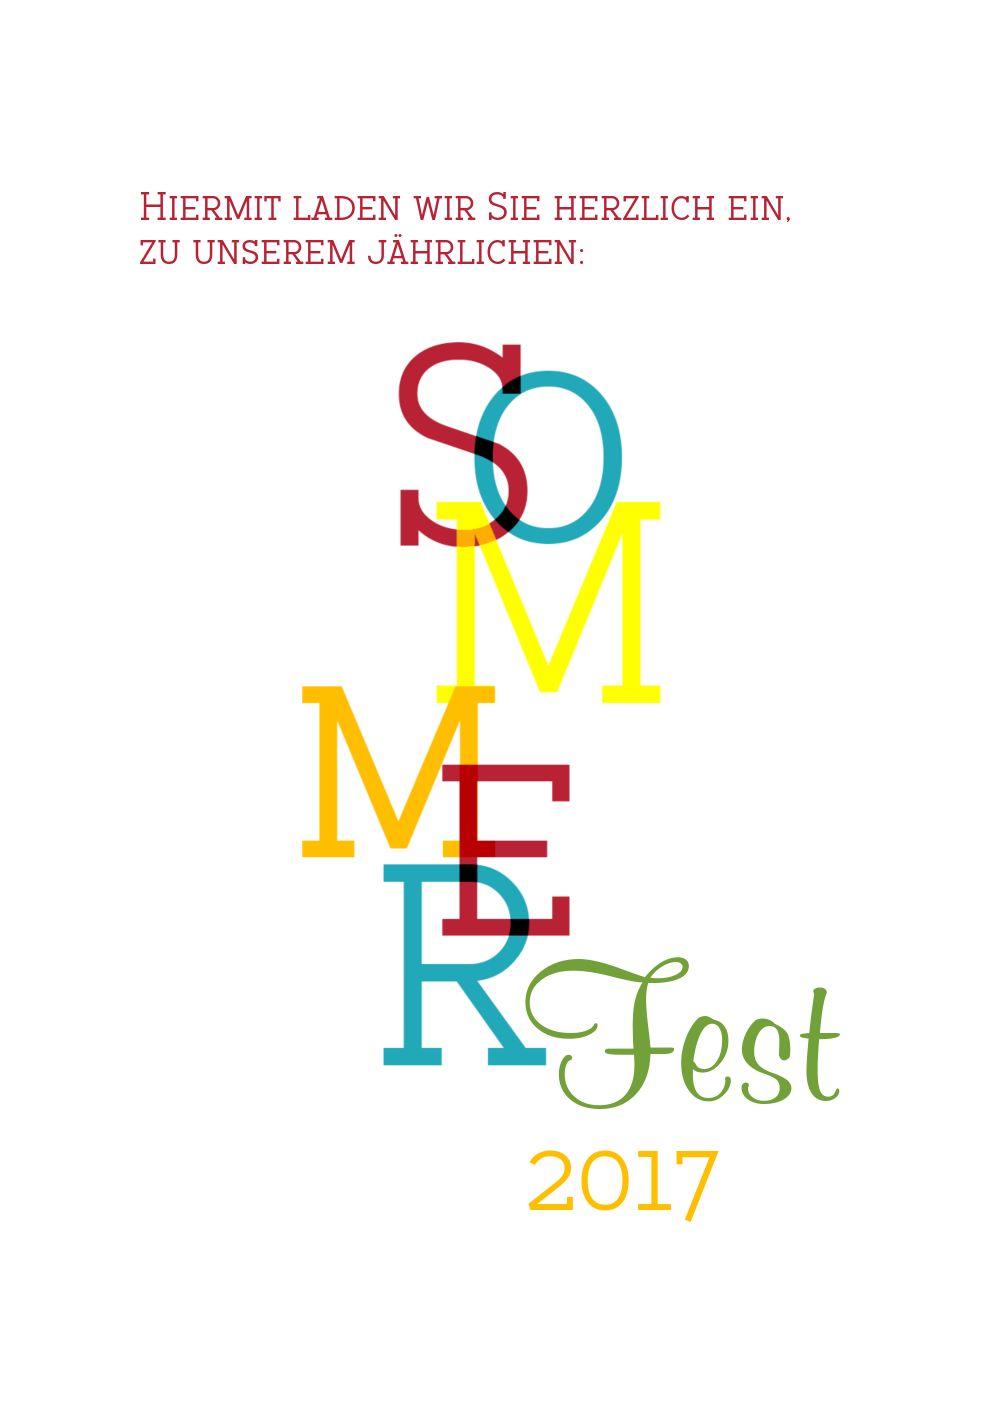 Ansicht 4 - Einladung Sommerfest Sommer